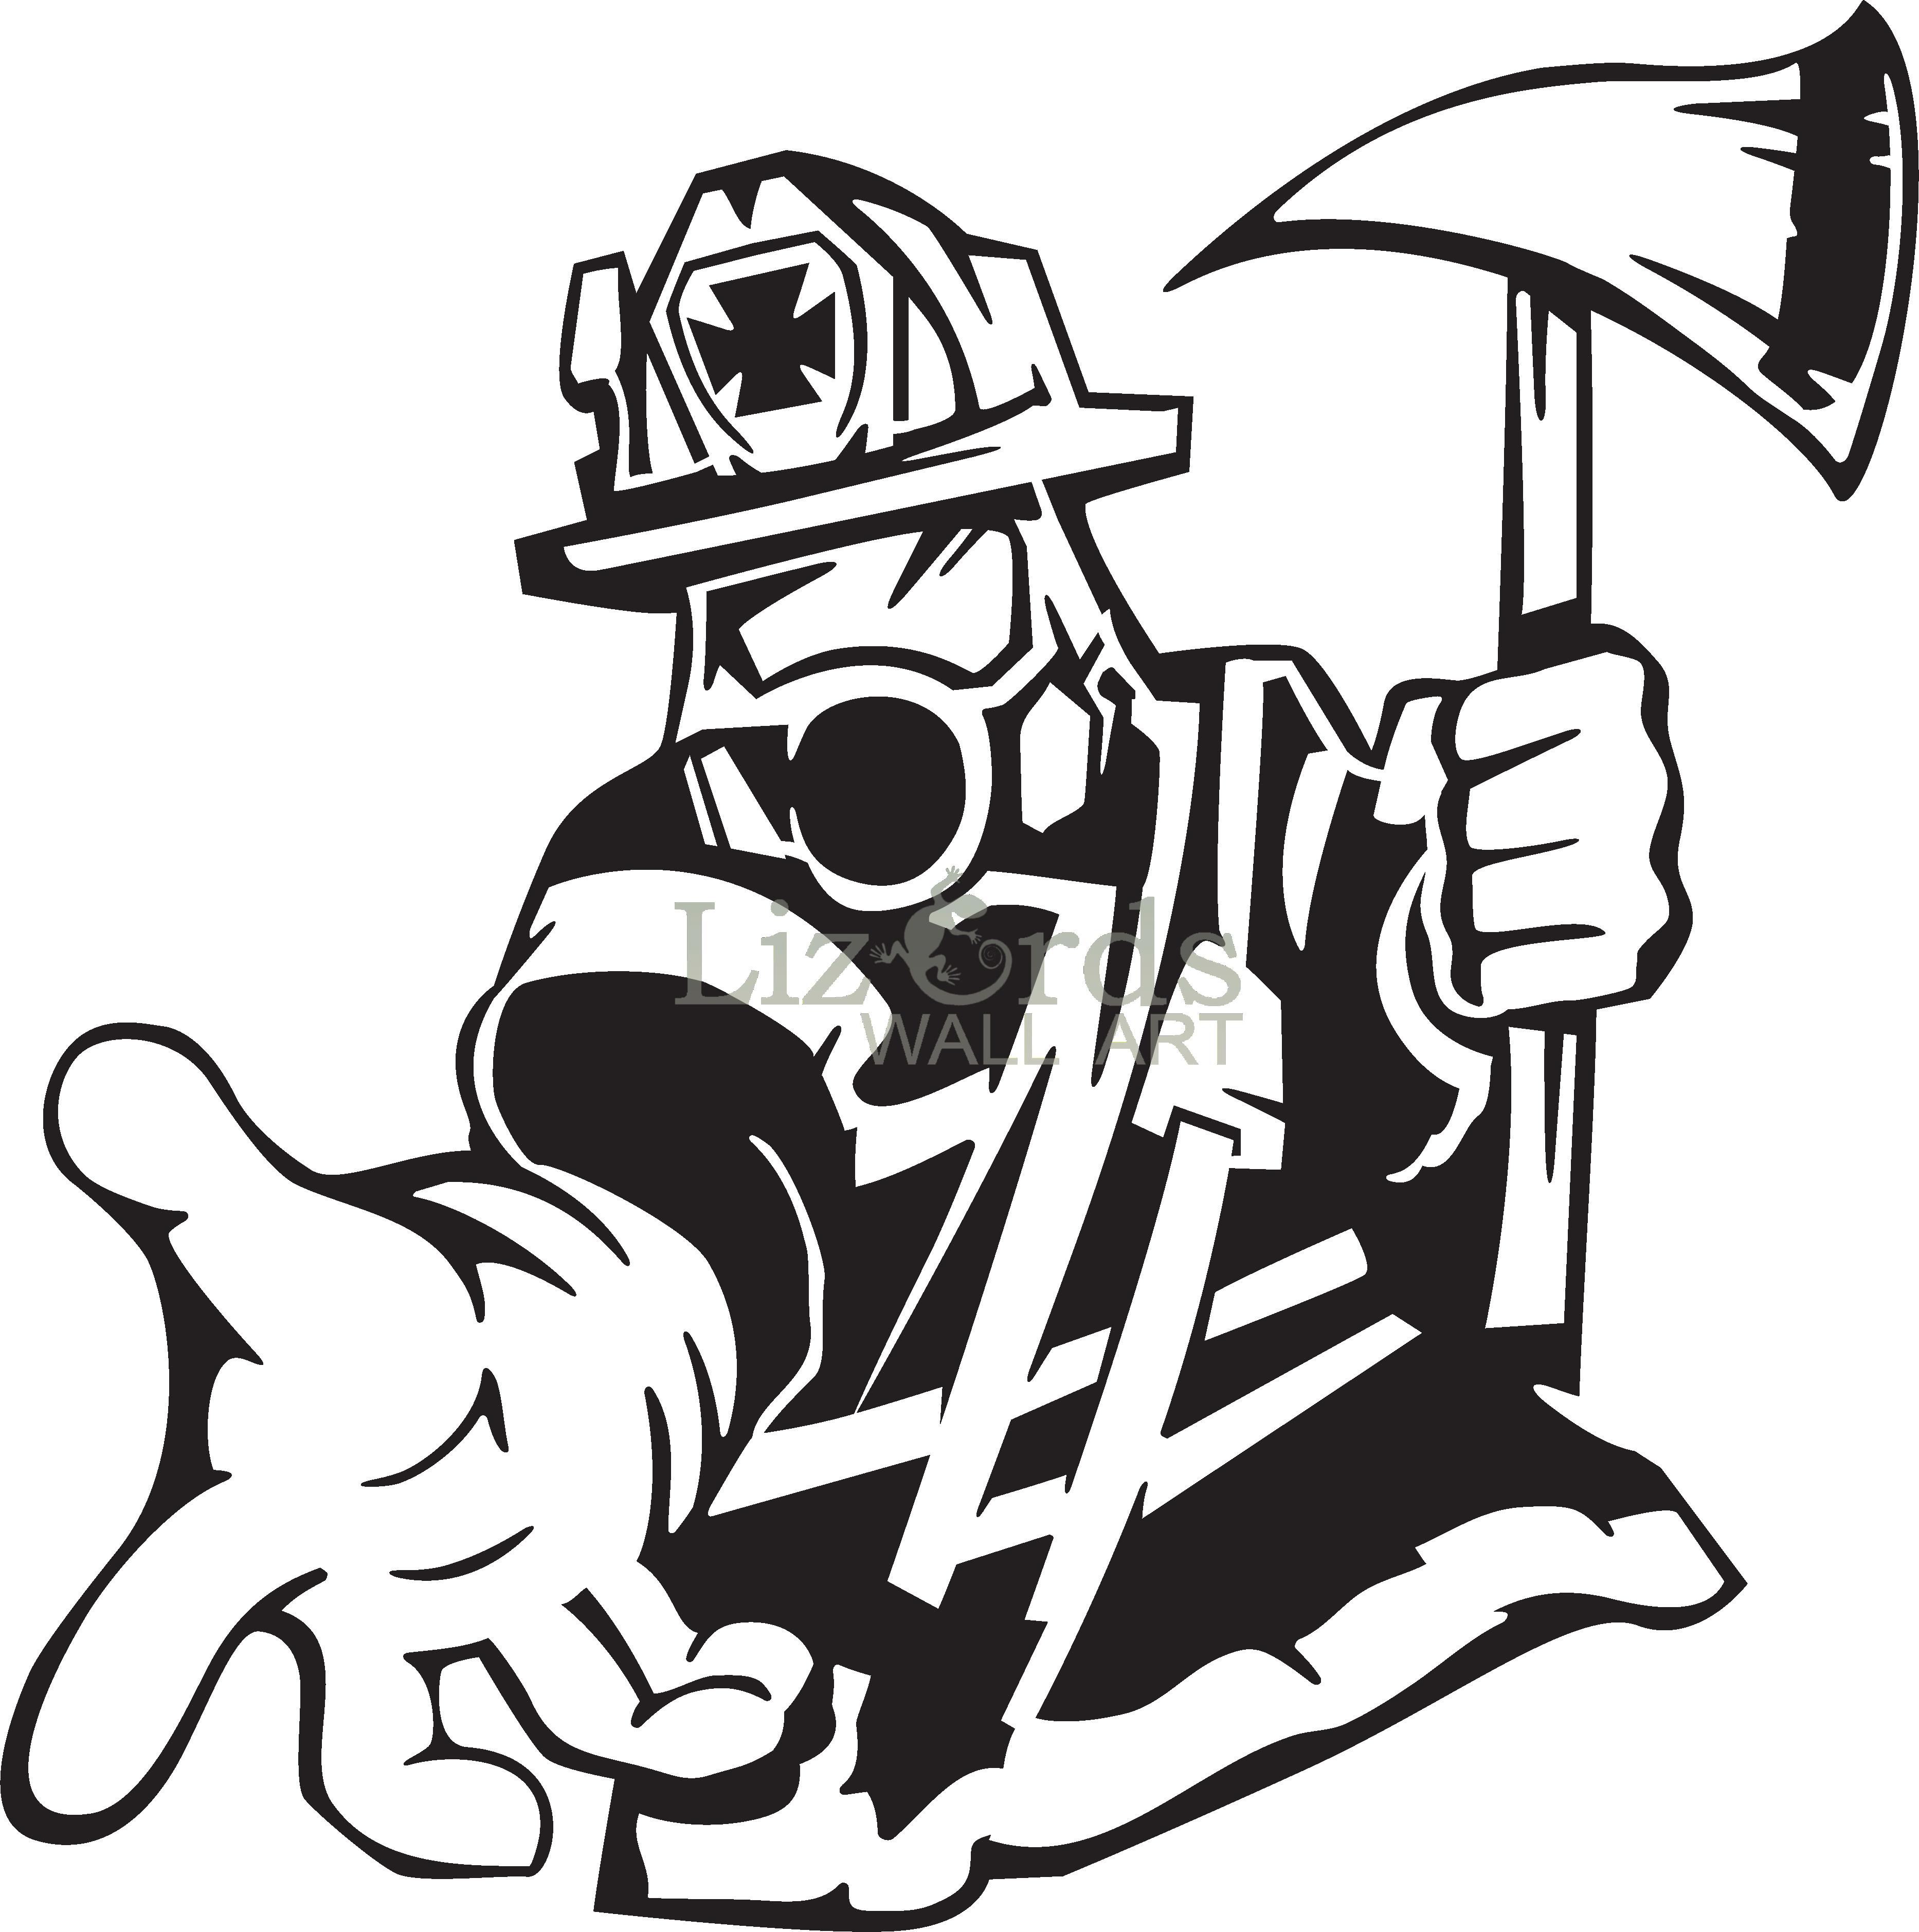 Firefighter Text Sticker Line art Silhouette.